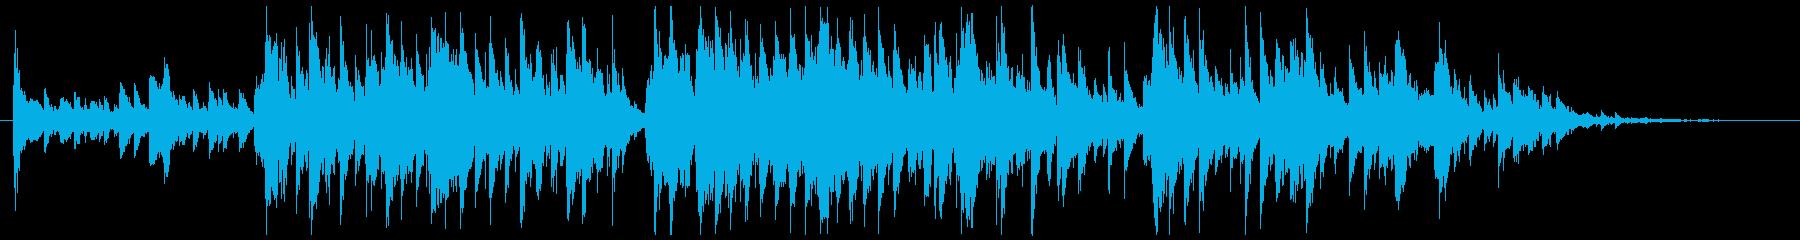 重い穴の再生済みの波形